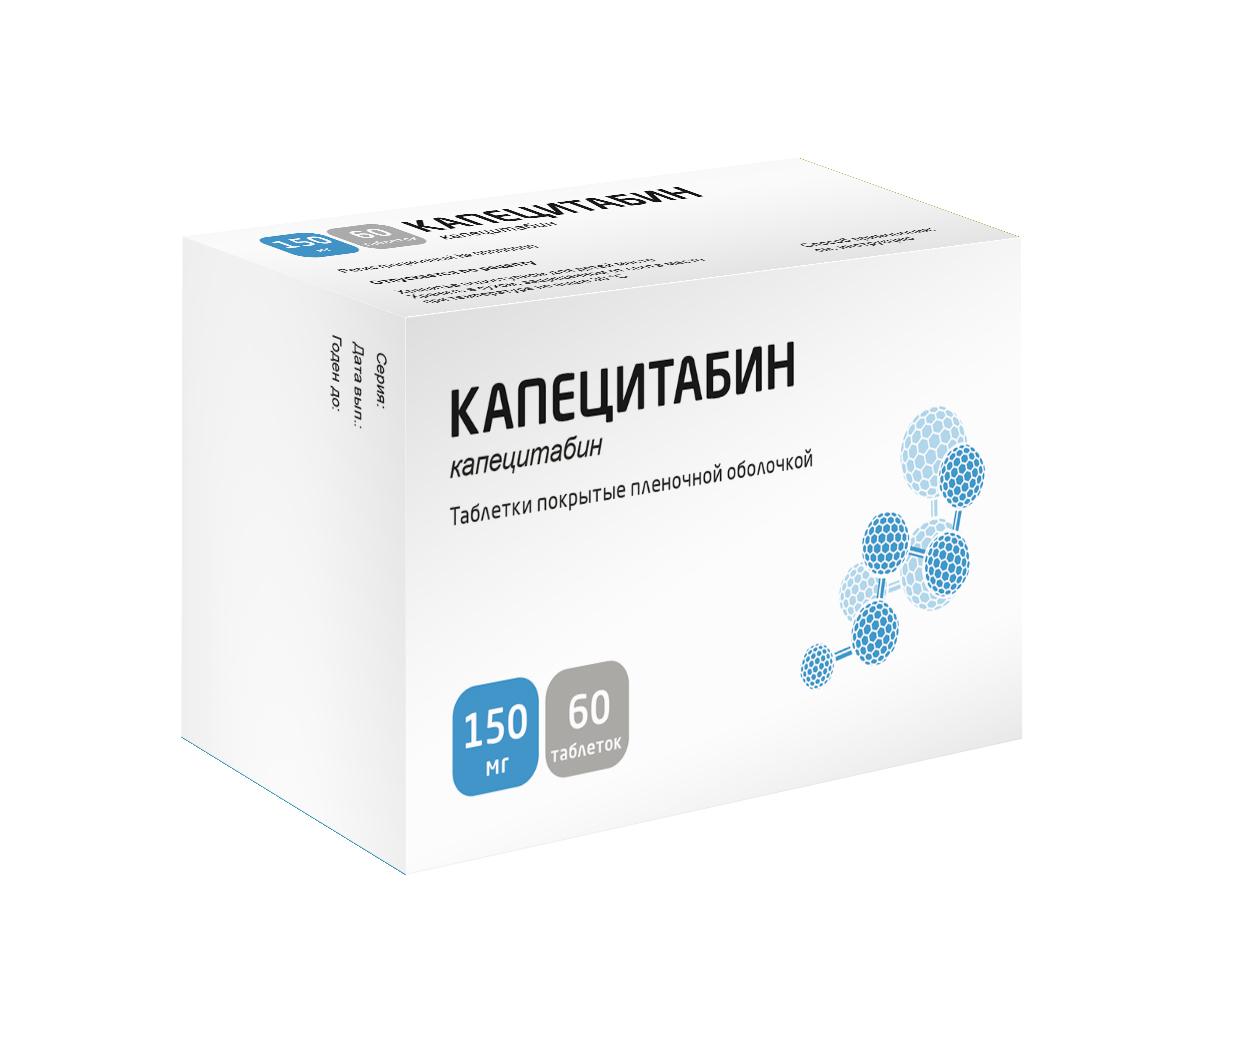 Капецитабин